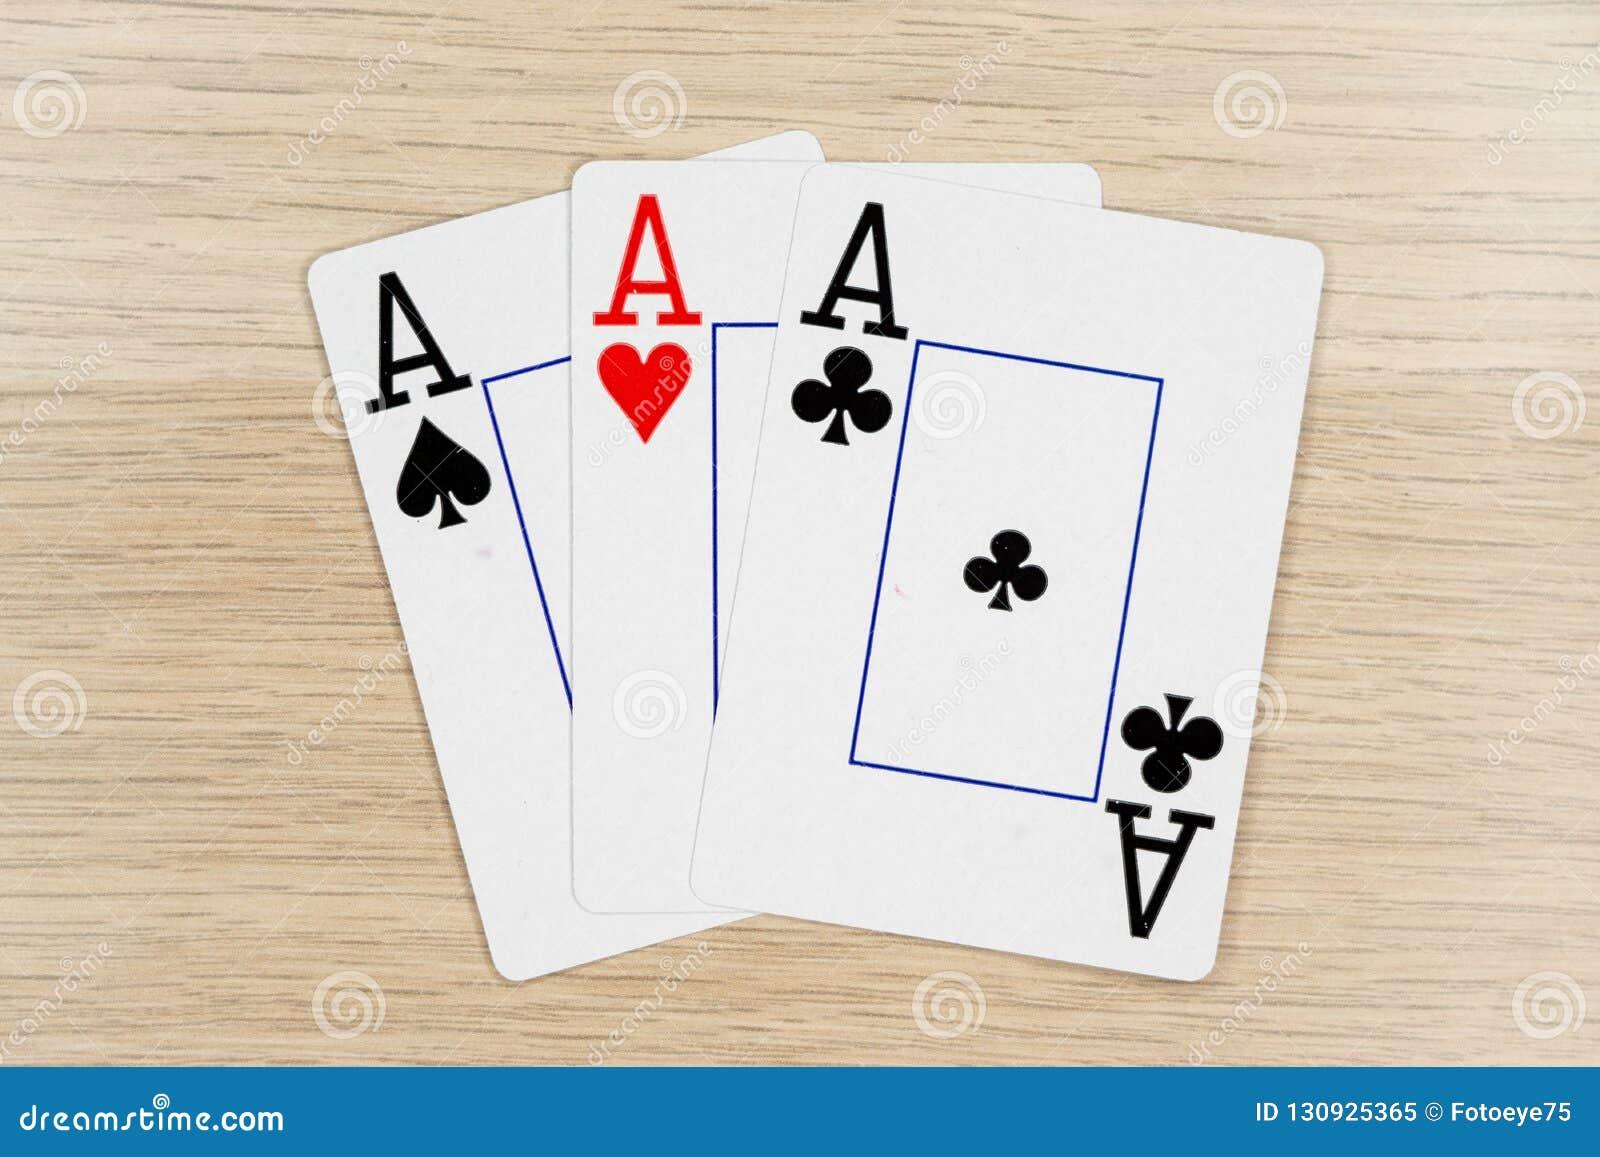 3 de as buenos - casino que juega tarjetas del póker